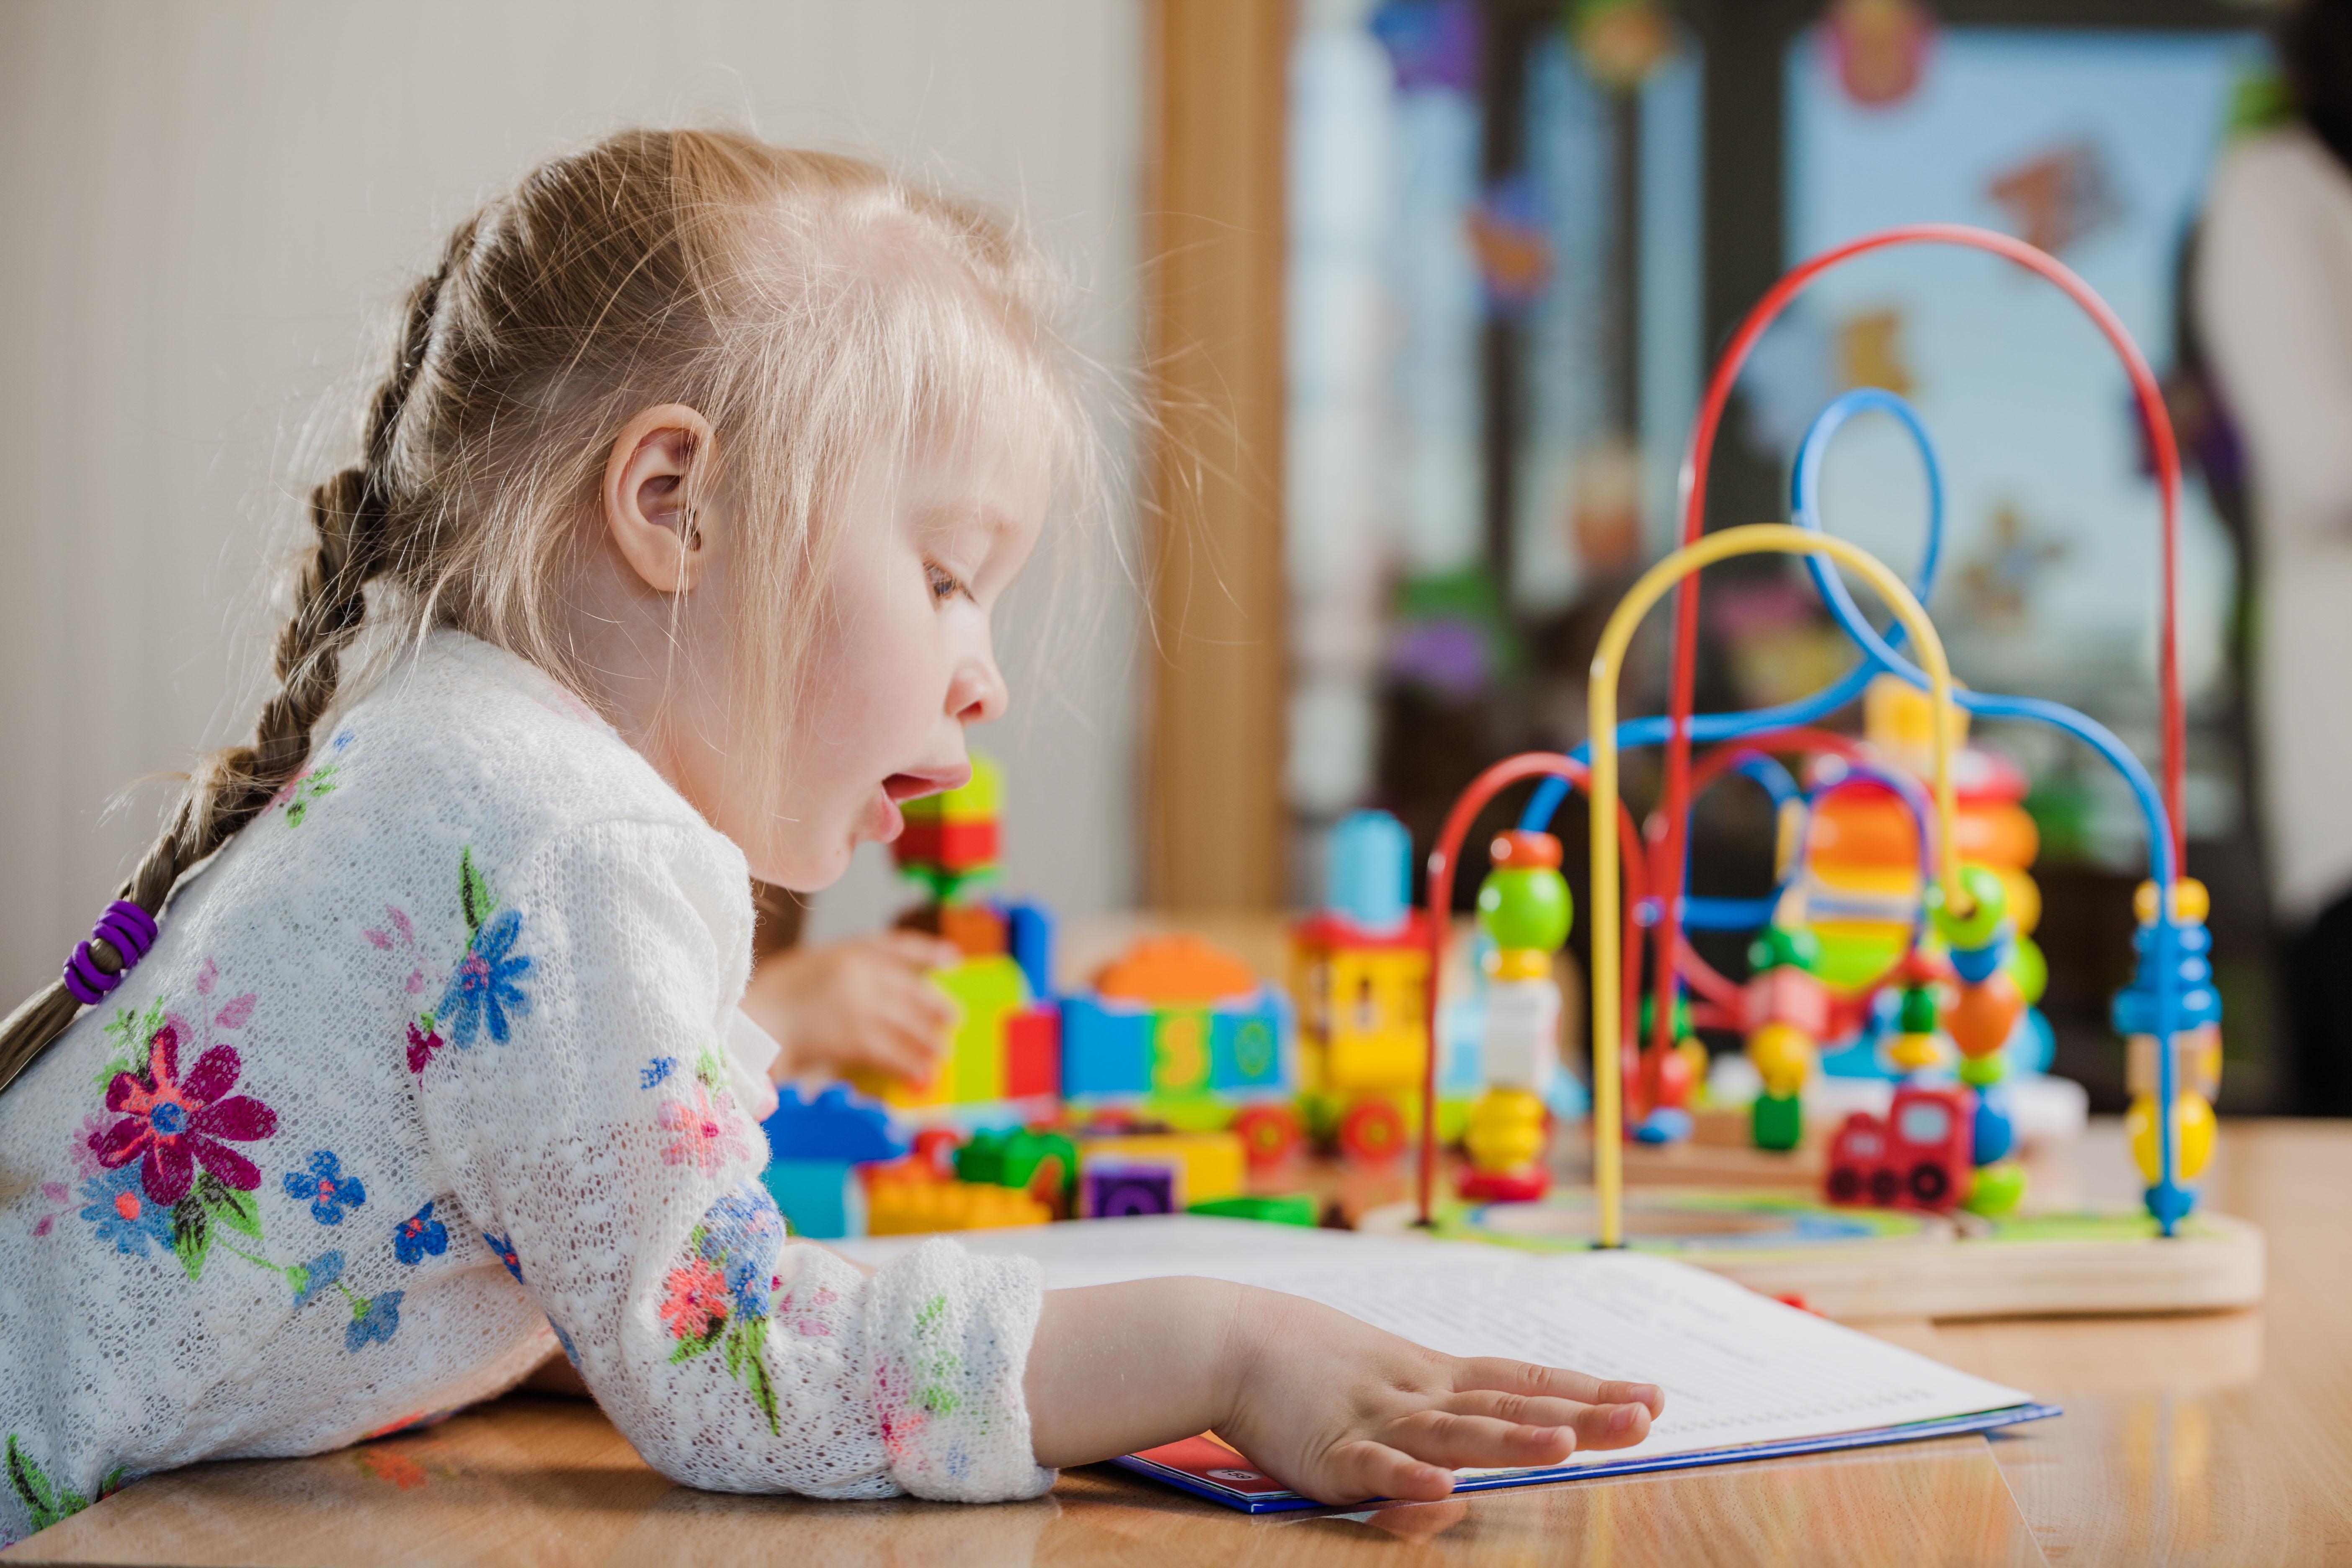 mama convergente blog crianza rutinas